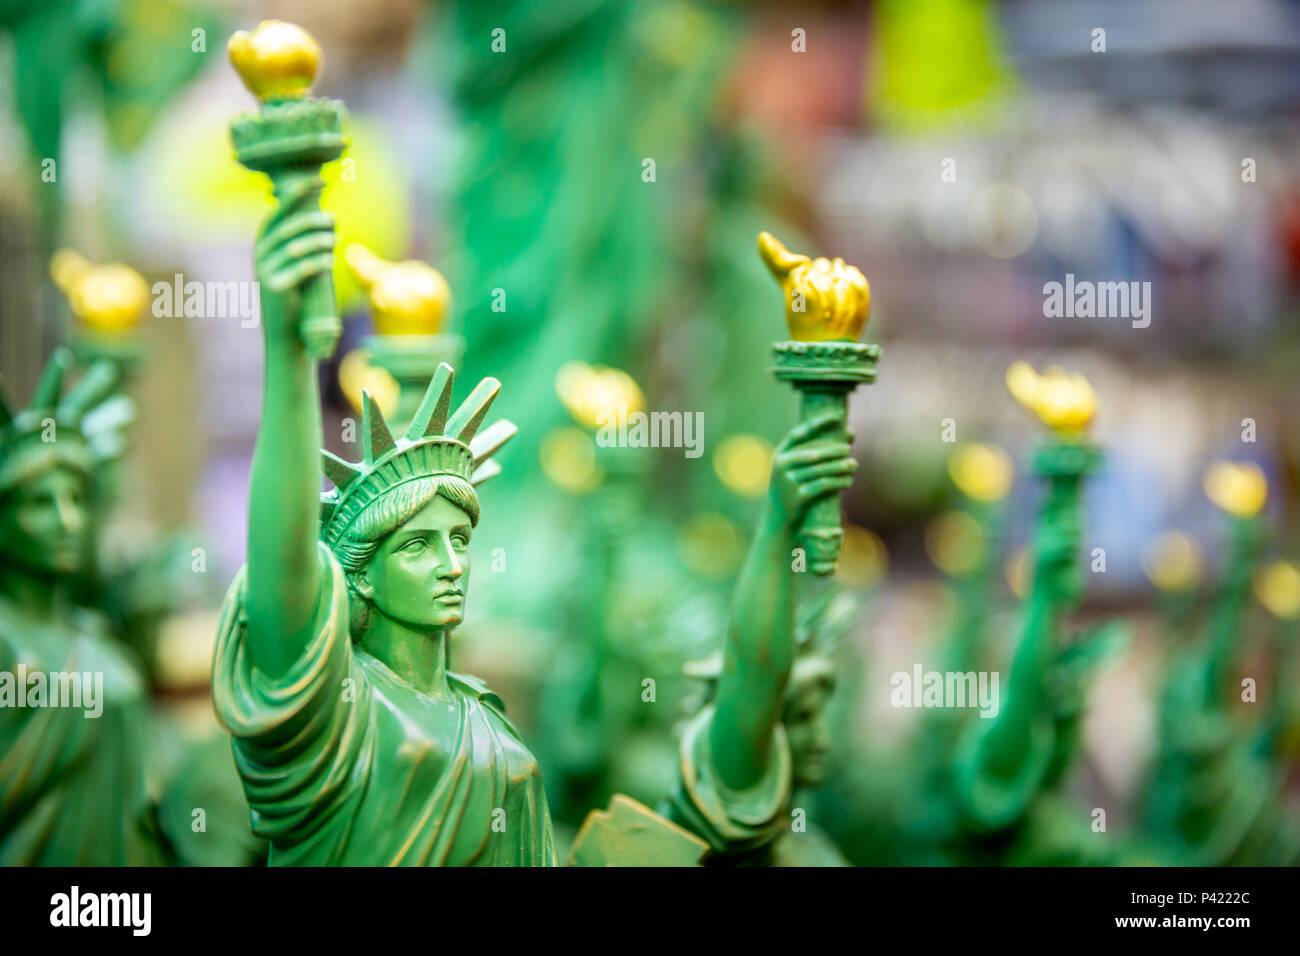 Ligne avec Statue de la liberté générique statues (selective focus) vendus comme souvenirs dans une boutique de New York. Photo Stock